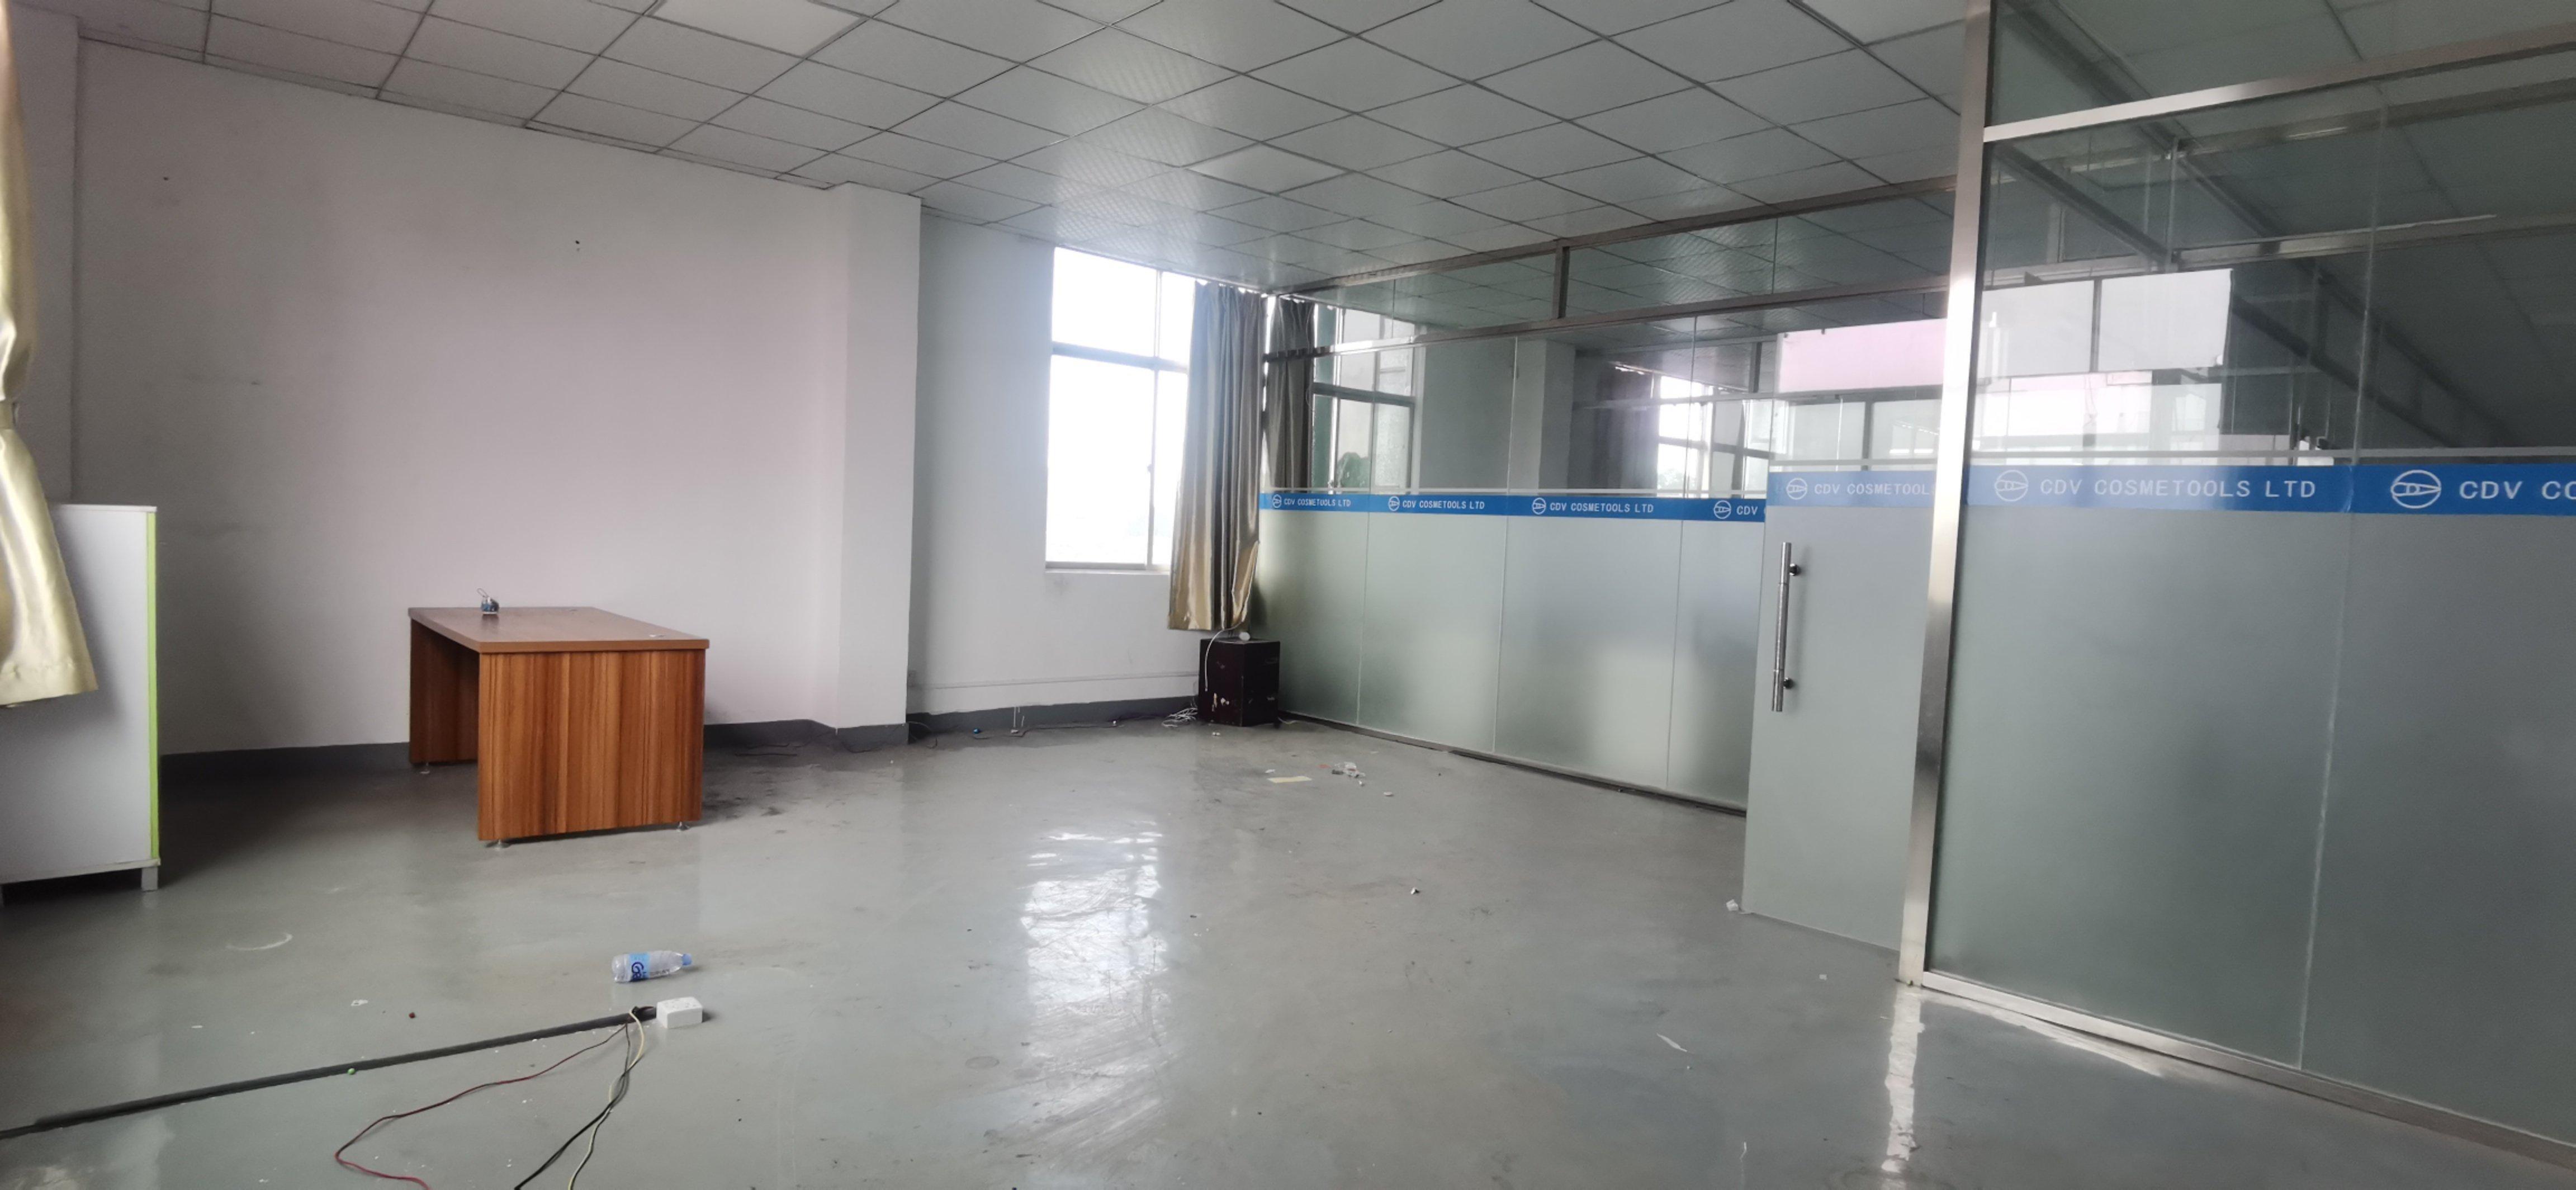 龙华区观澜松元楼上一整层带办公室装修标准厂房招租。